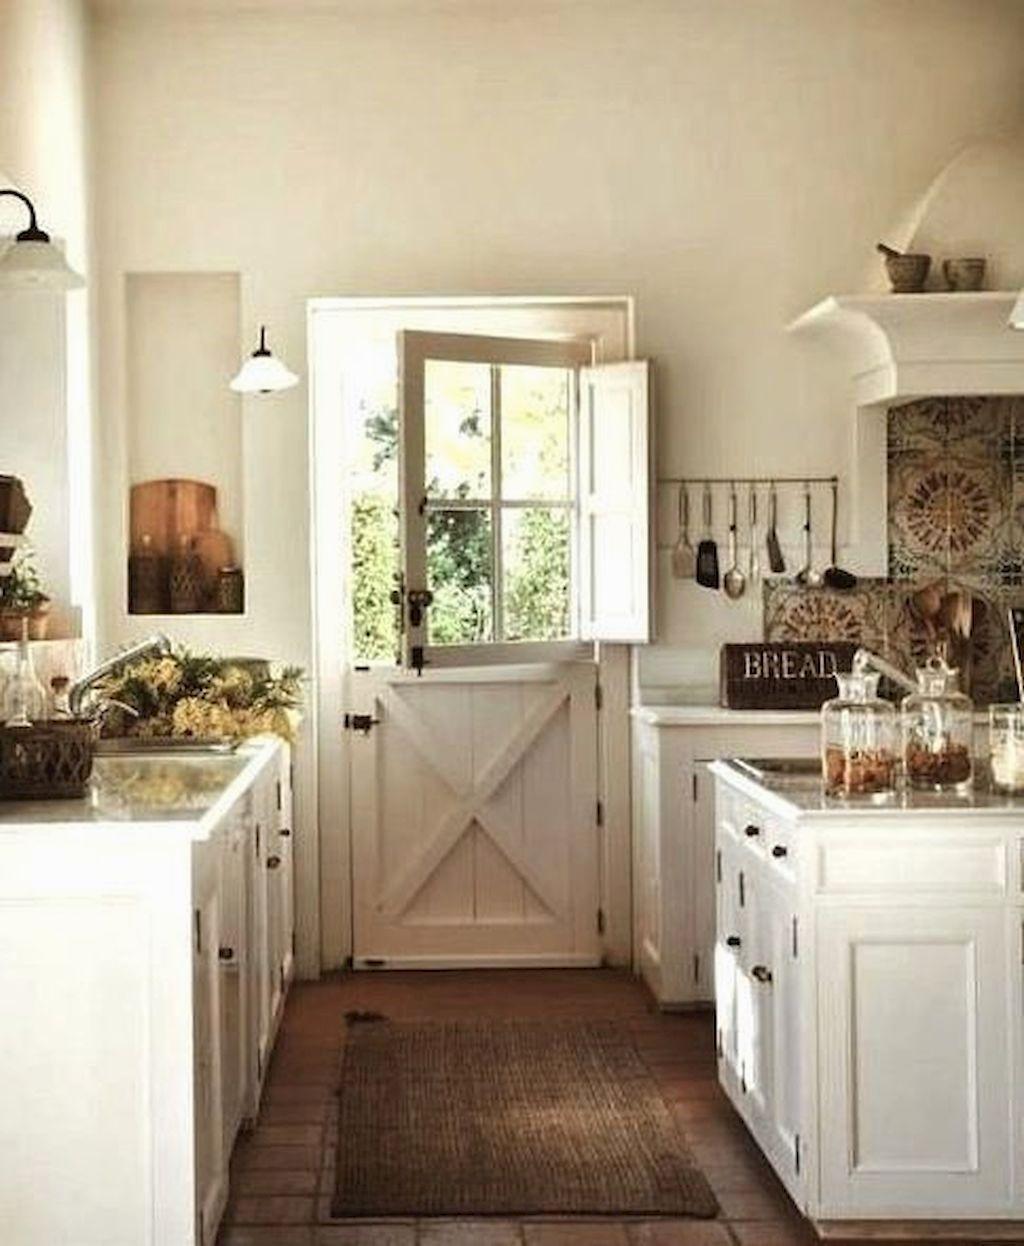 U küchendesignpläne pin von tino schreiber auf house ideas and inspiration  pinterest